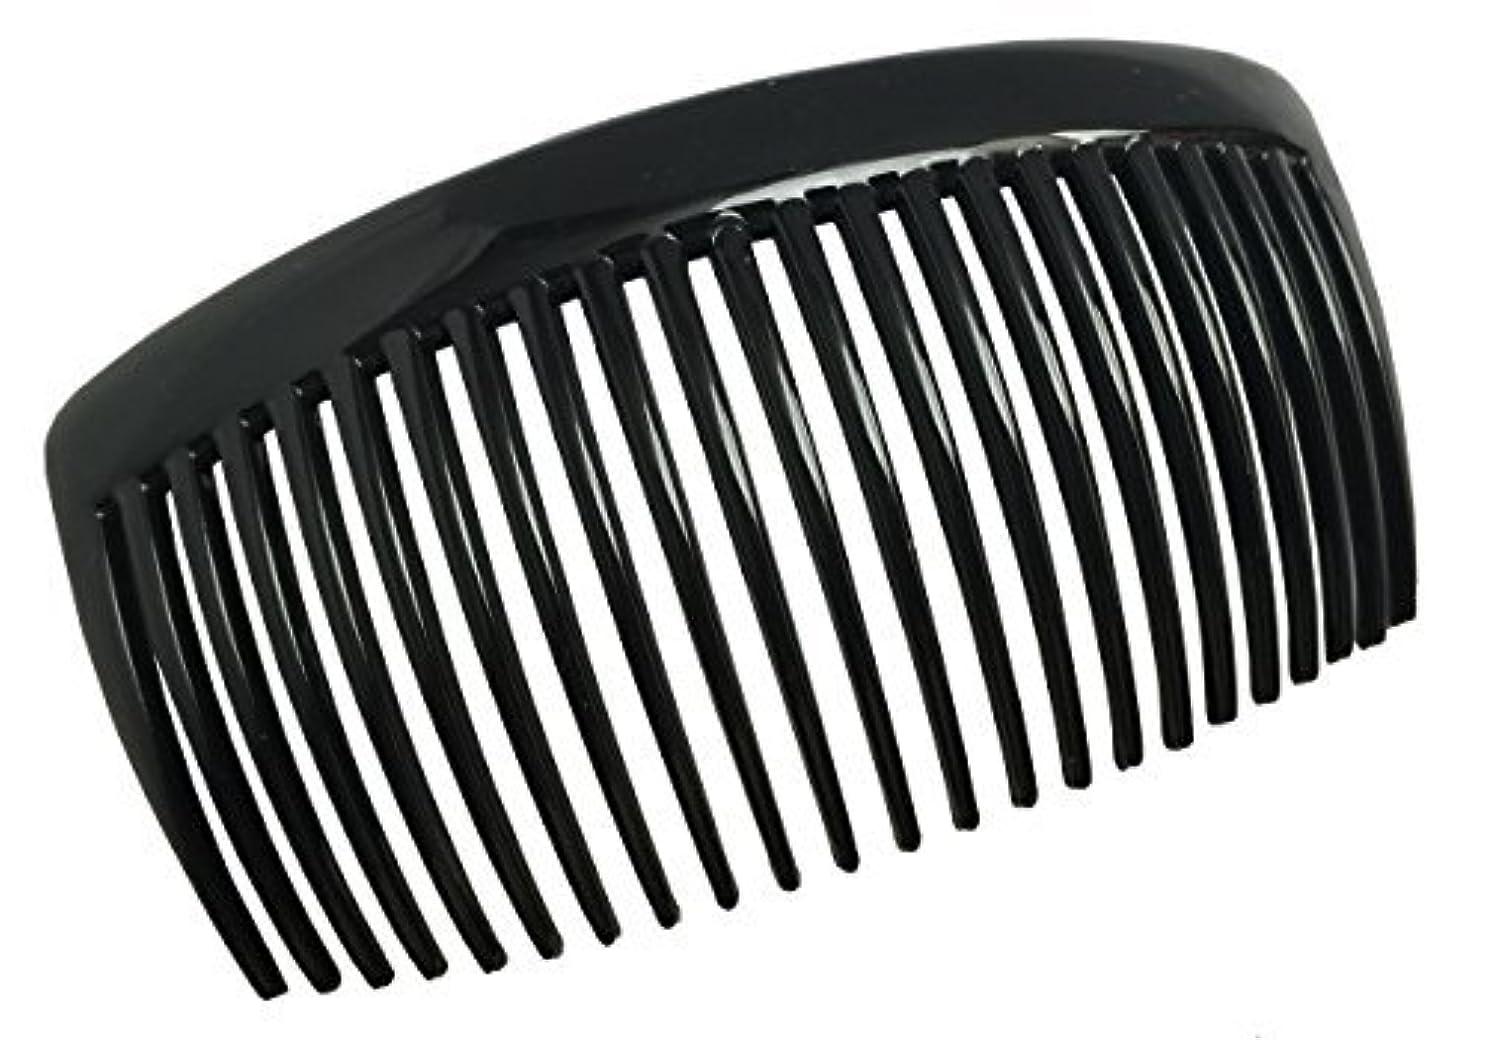 接触オーク振るうParcelona French Large 2 Pieces Glossy Black Cellulose Acetate Good Grip Updo 23 Teeth Hair Side Combs 4.25 Inches...